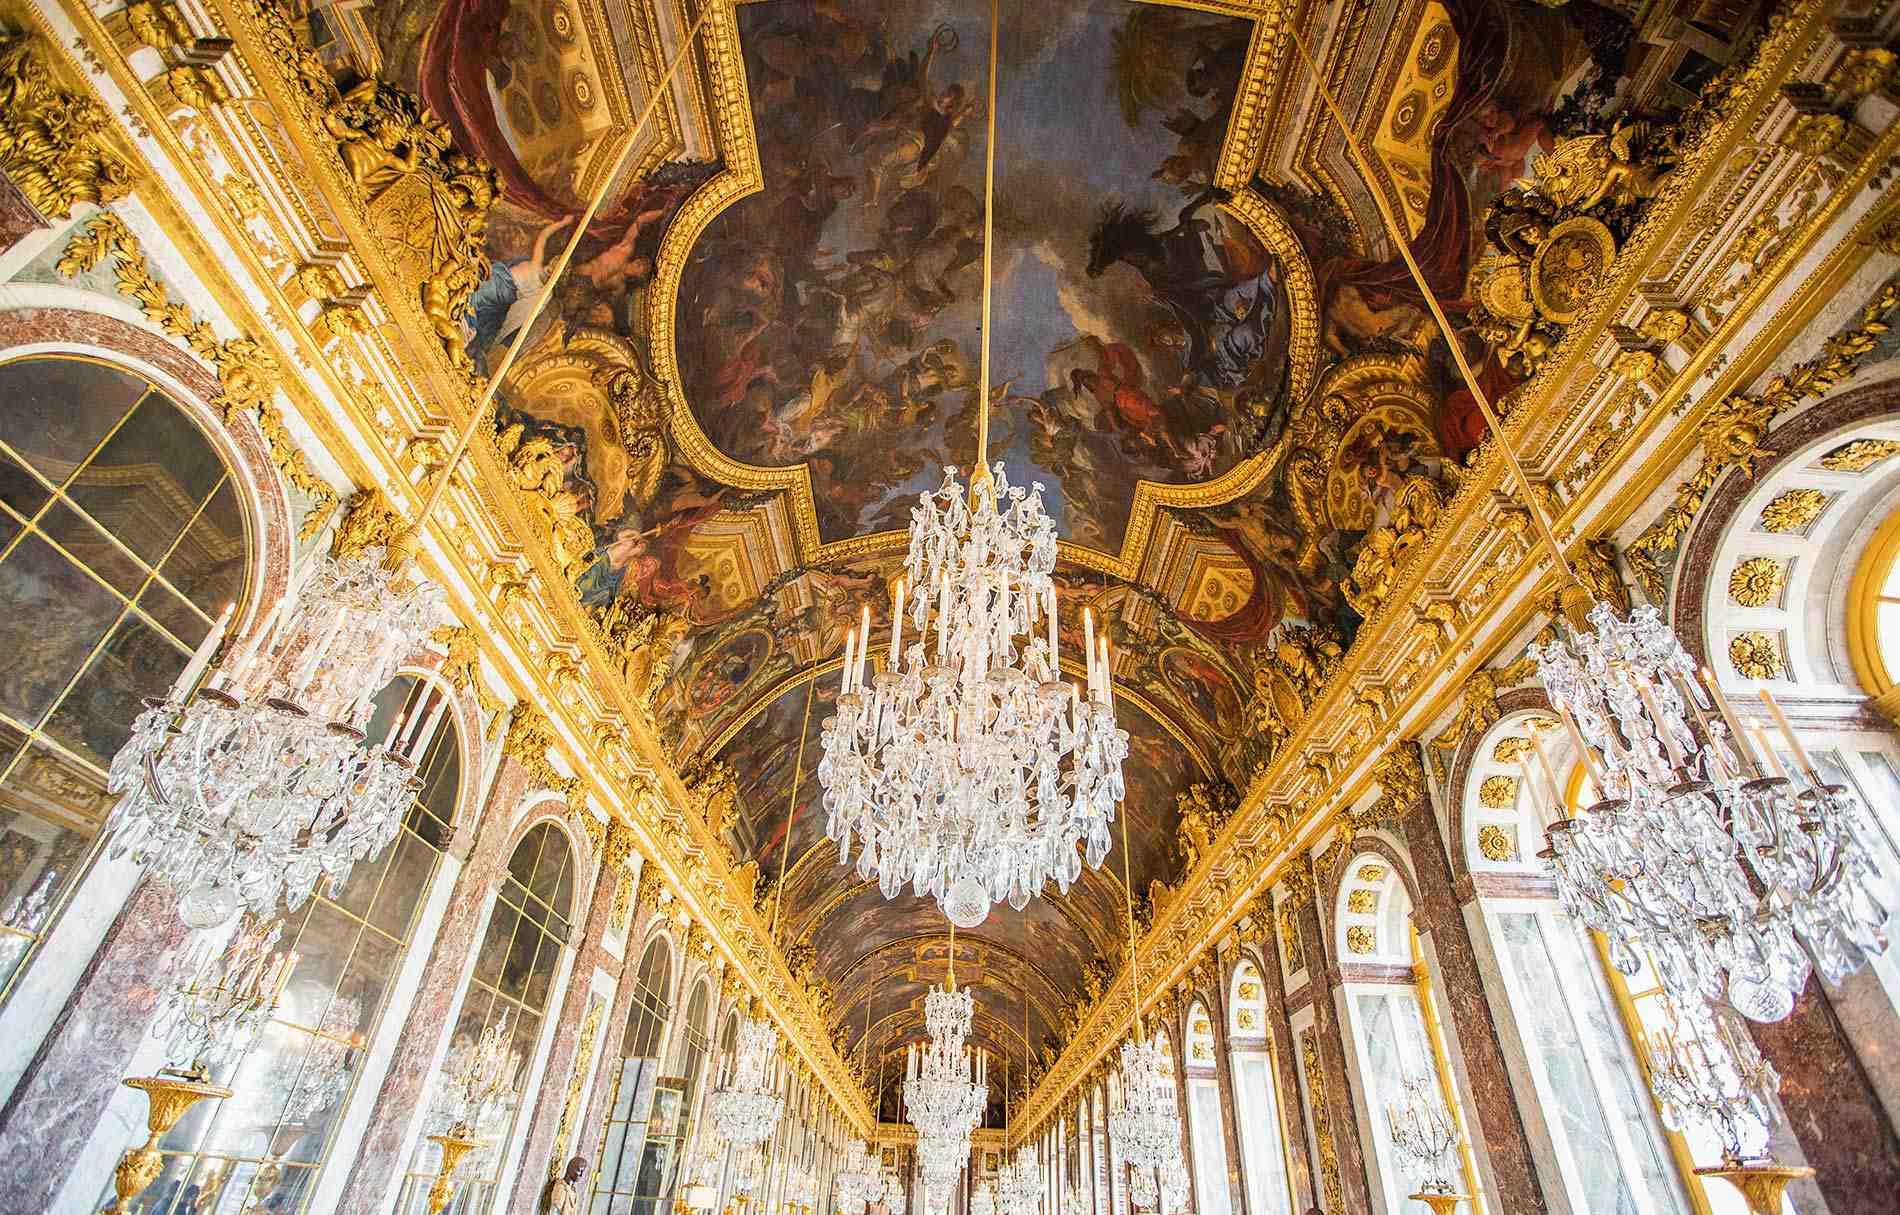 France Paris Versailles Ceiling